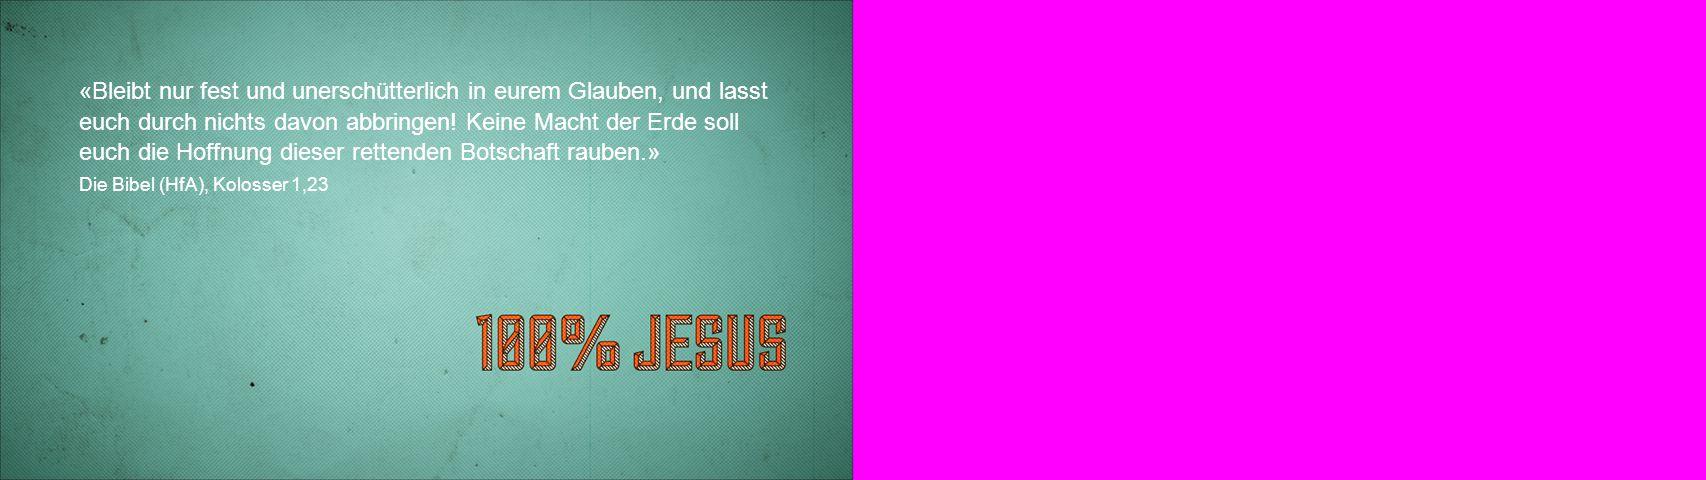 Dein Kampf «Angesichts von all dem freue ich mich auch über die Nöte, die ich durchmachen muss, denn sie kommen euch zugute.» Die Bibel (HfA), Kolosser 1,24